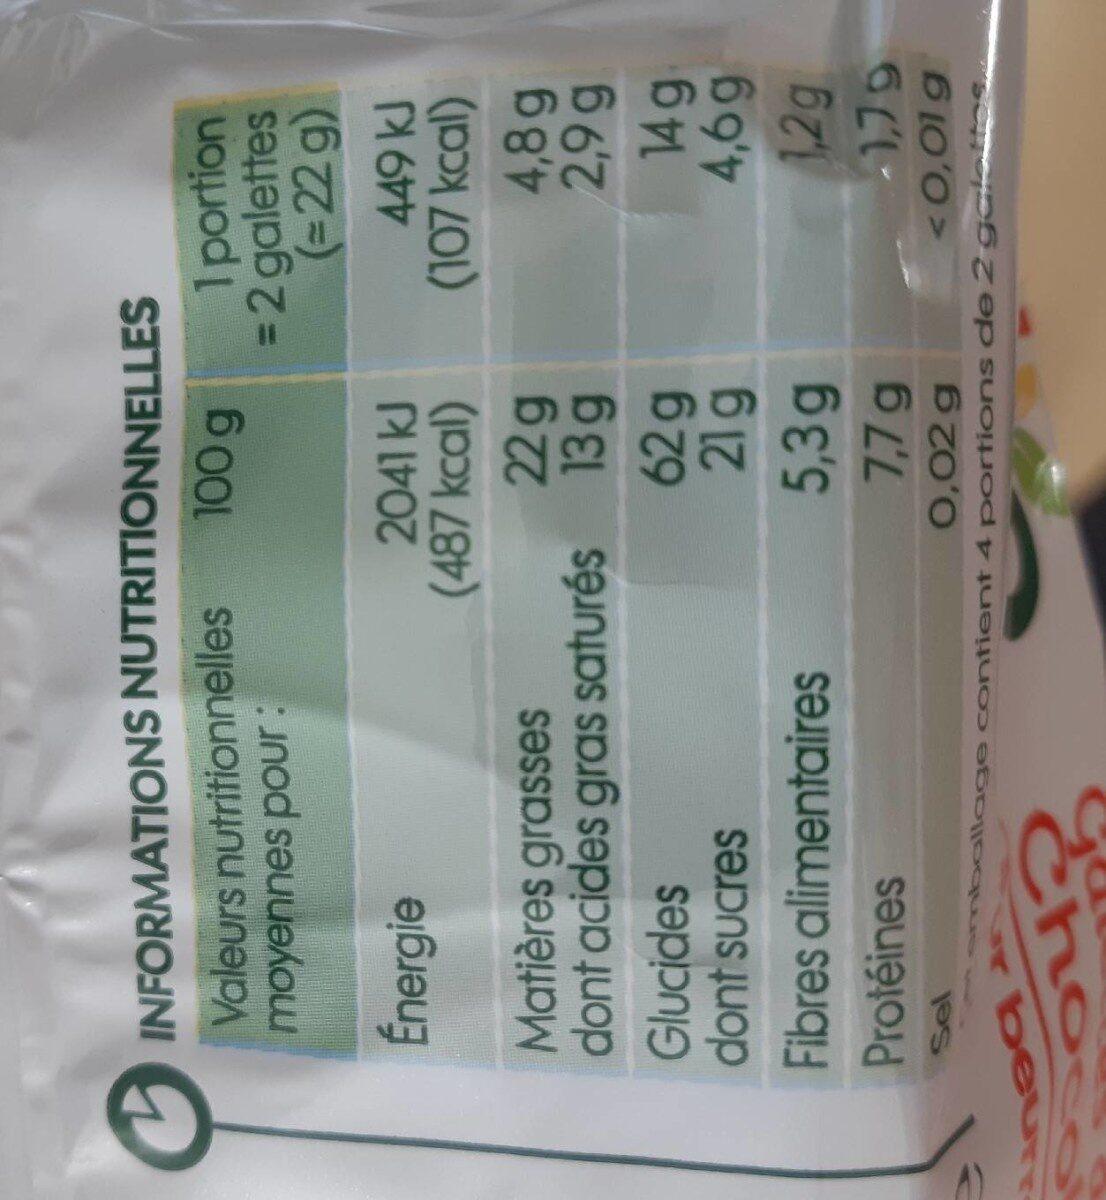 Galettes de maïs nappées chocolat noir bio - Voedingswaarden - fr